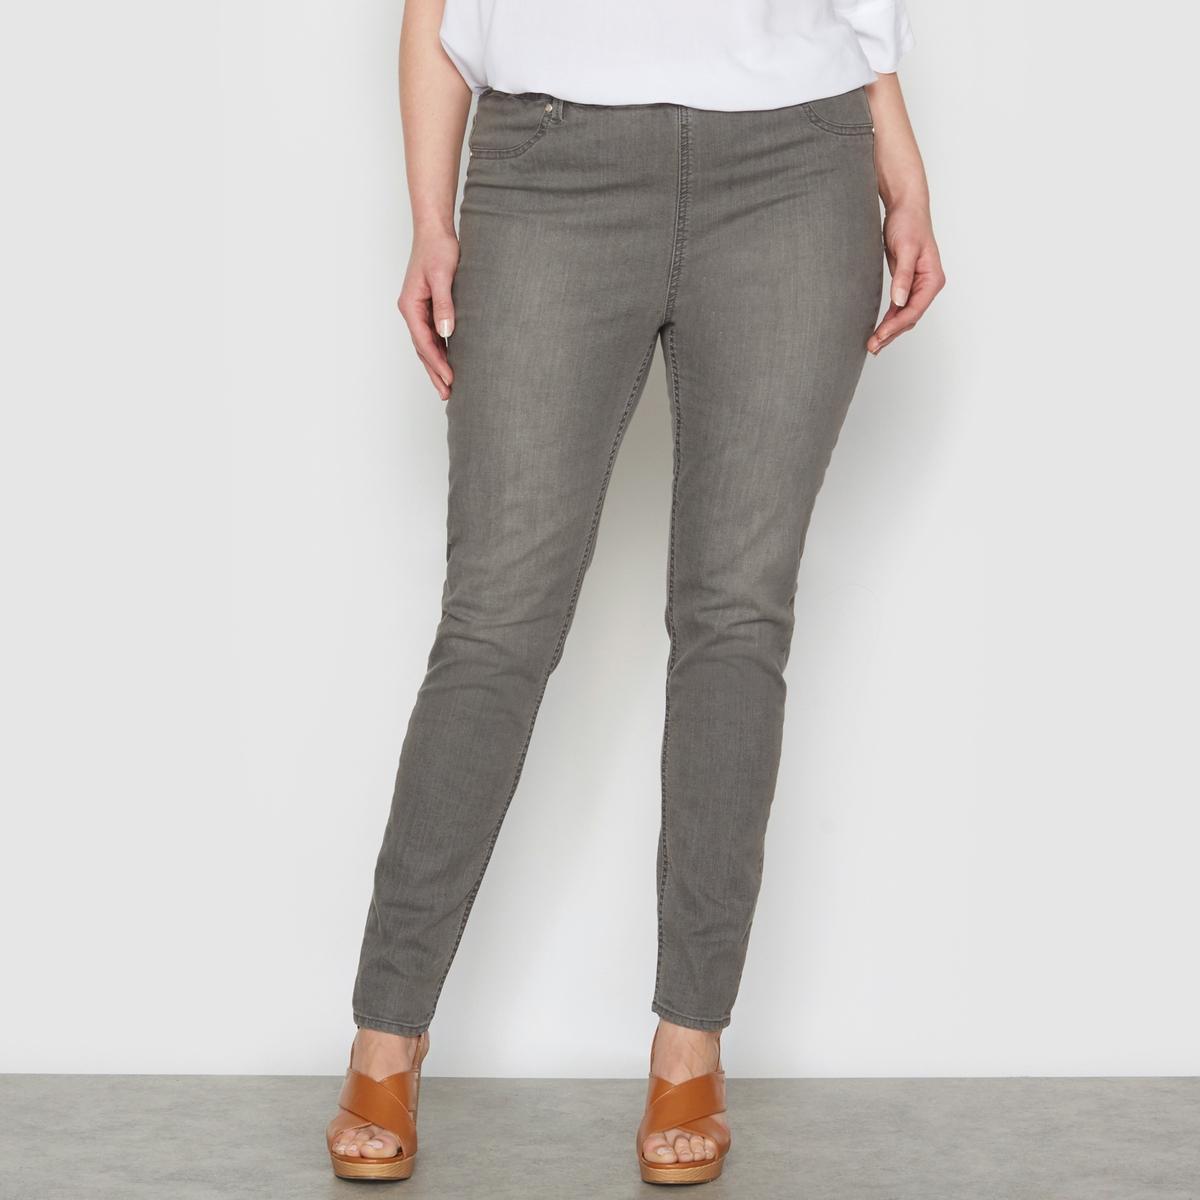 Джеггинсы из денимаДжеггинсы из денима. Незаменимая вещь в любом гардеробе ! Невероятно удобные в носке благодаря эластичному поясу. Ложные карманы спереди и накладные карманы сзади. 98% хлопка, 2% эластана. Длина по внутр.шву 78 см, ширина по низу 14 см.<br><br>Цвет: серый потертый деним<br>Размер: 56 (FR) - 62 (RUS).52 (FR) - 58 (RUS).48 (FR) - 54 (RUS).58 (FR) - 64 (RUS).42 (FR) - 48 (RUS).50 (FR) - 56 (RUS).62 (FR) - 68 (RUS)